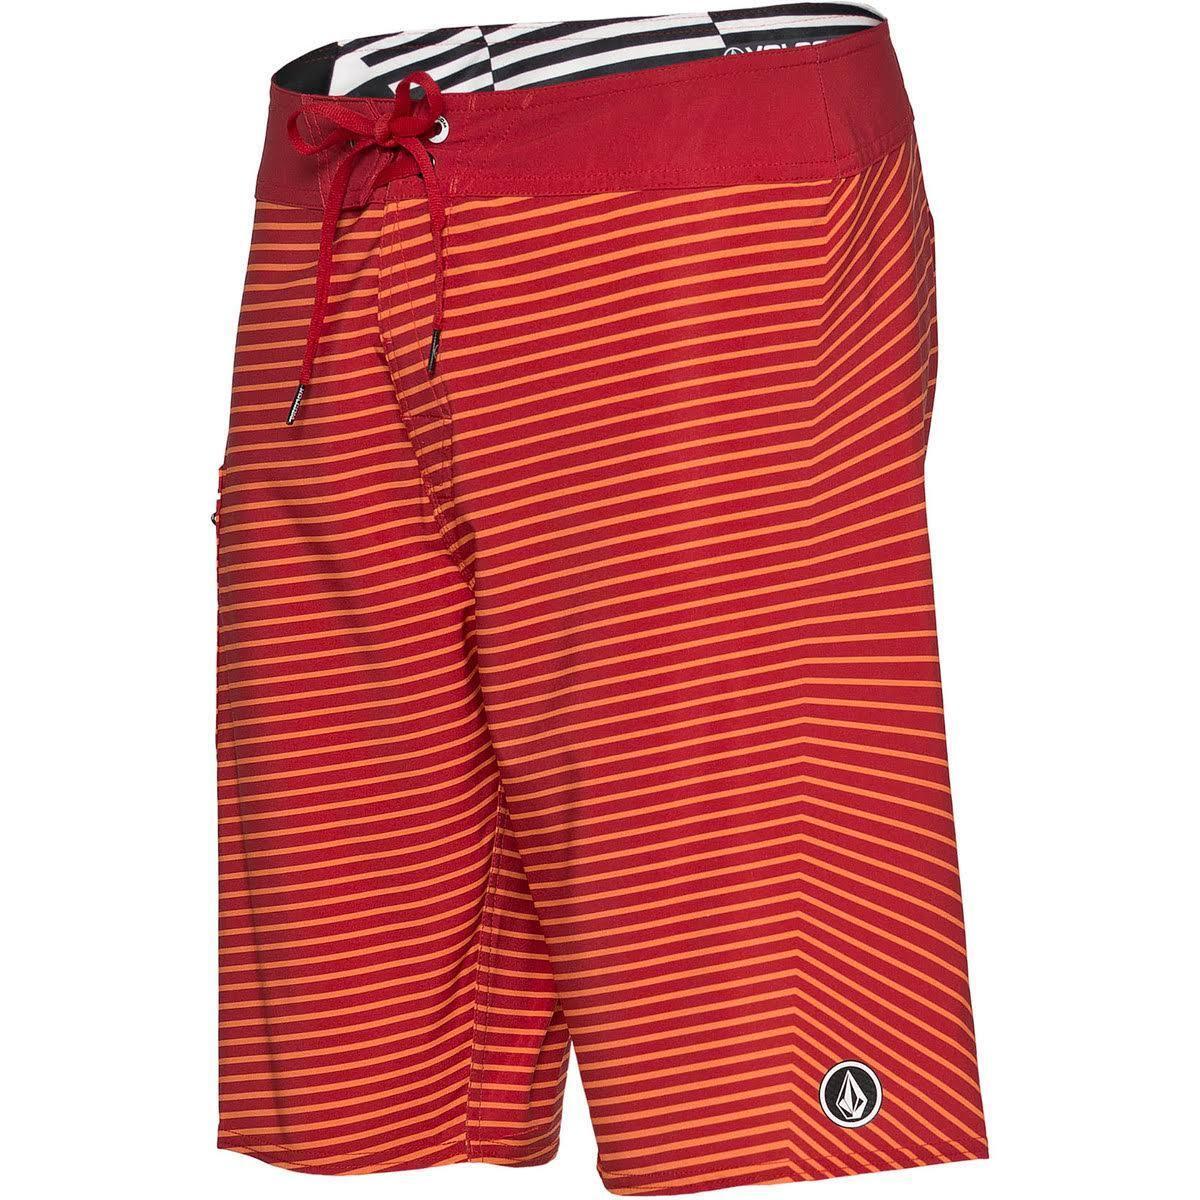 Volcom Lido greenigo Boardshort (32) Gocciolante red